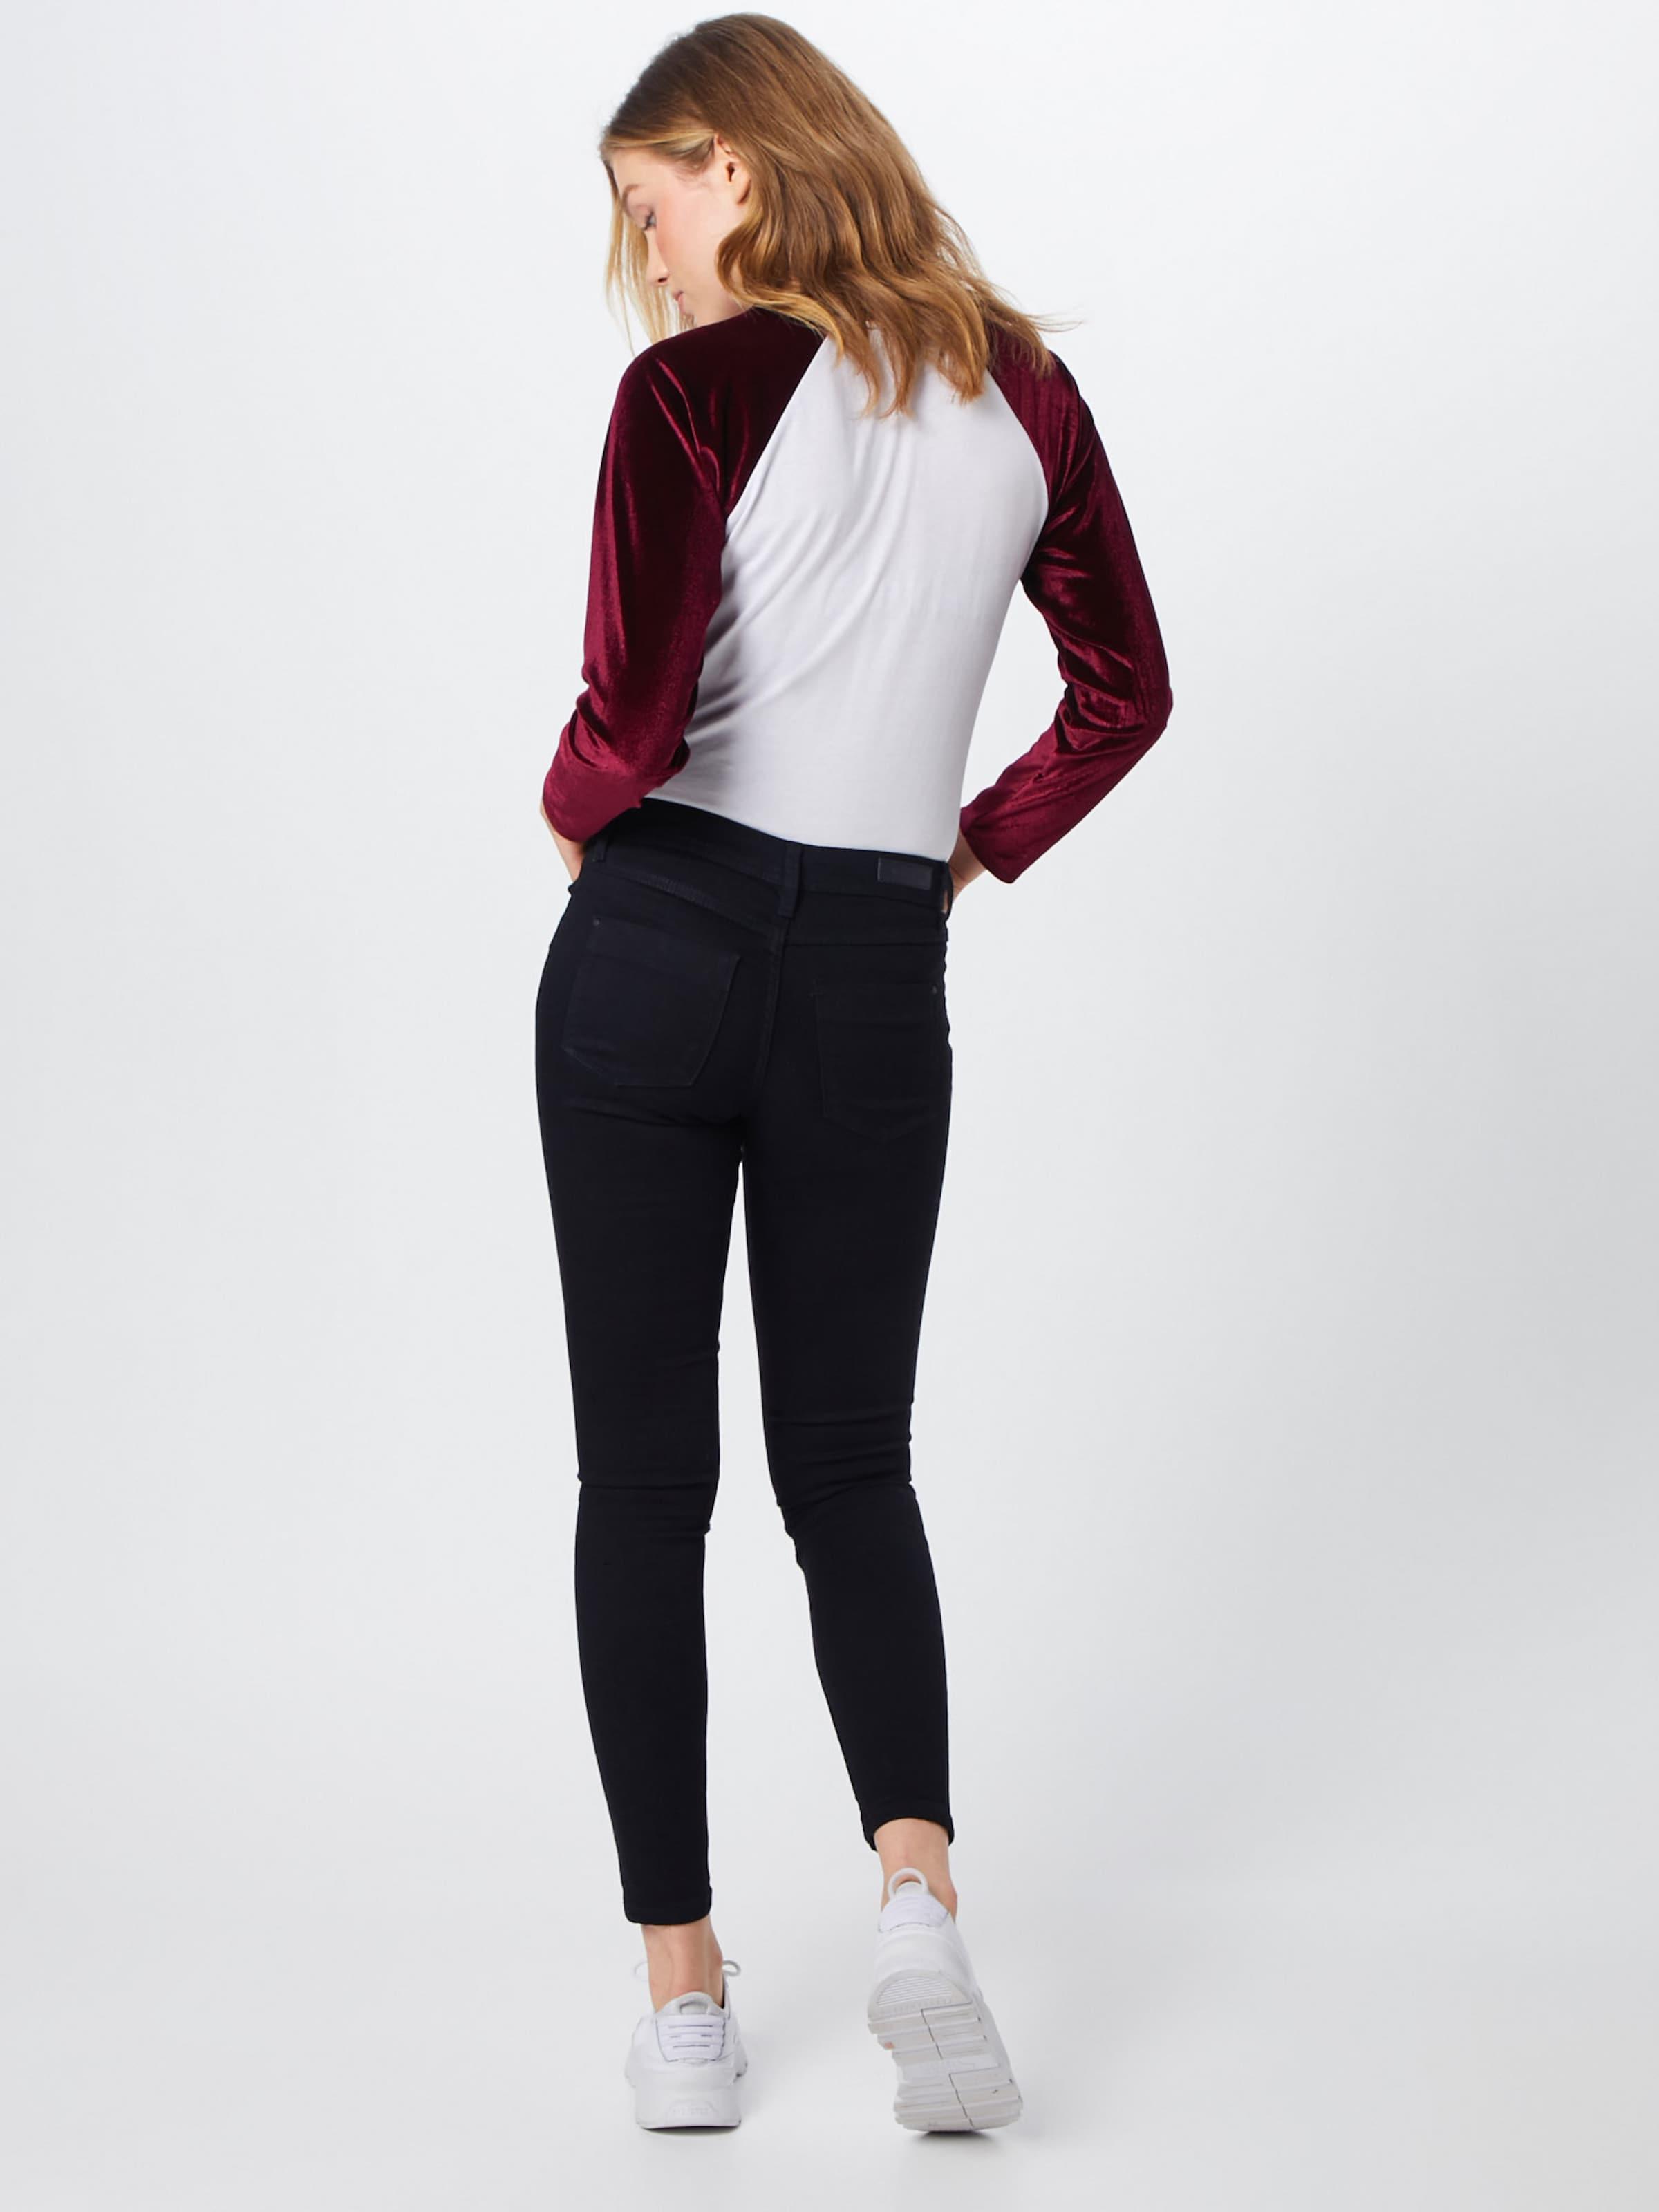 Jacqueline Black Denim In Yong Jeans De oCdxeB